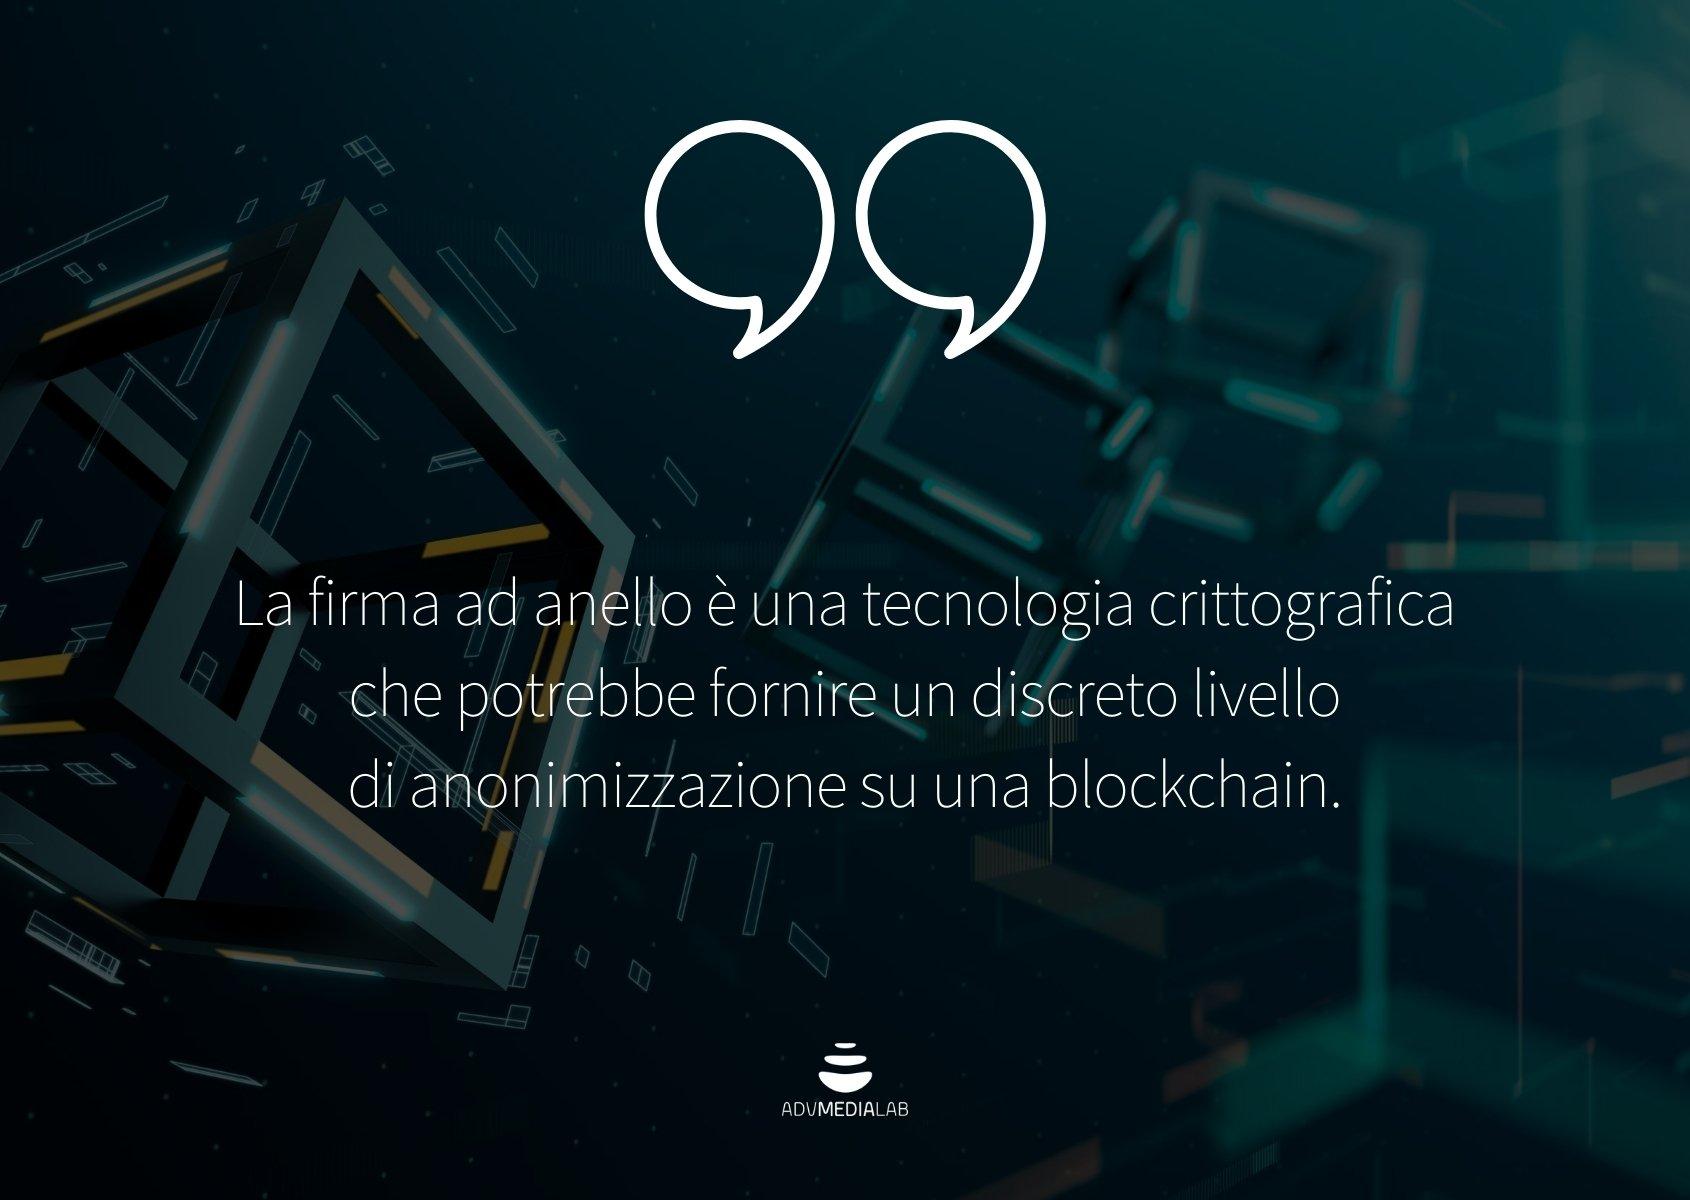 Dizionario-blockchain-quote10